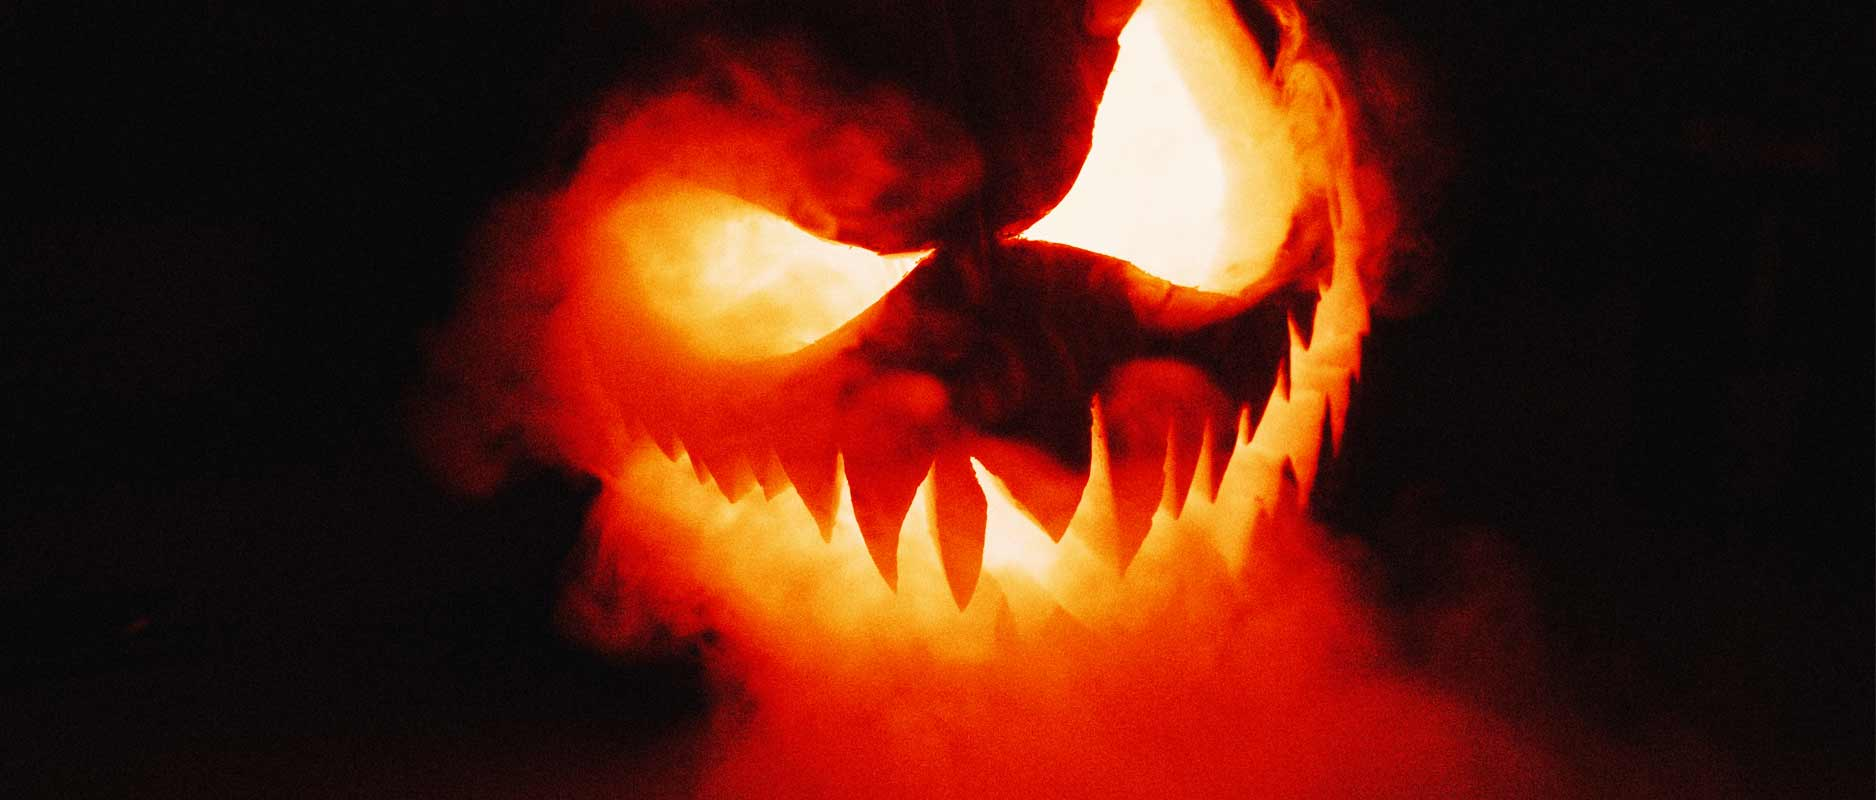 Satan | De duivel volgens de Bijbel